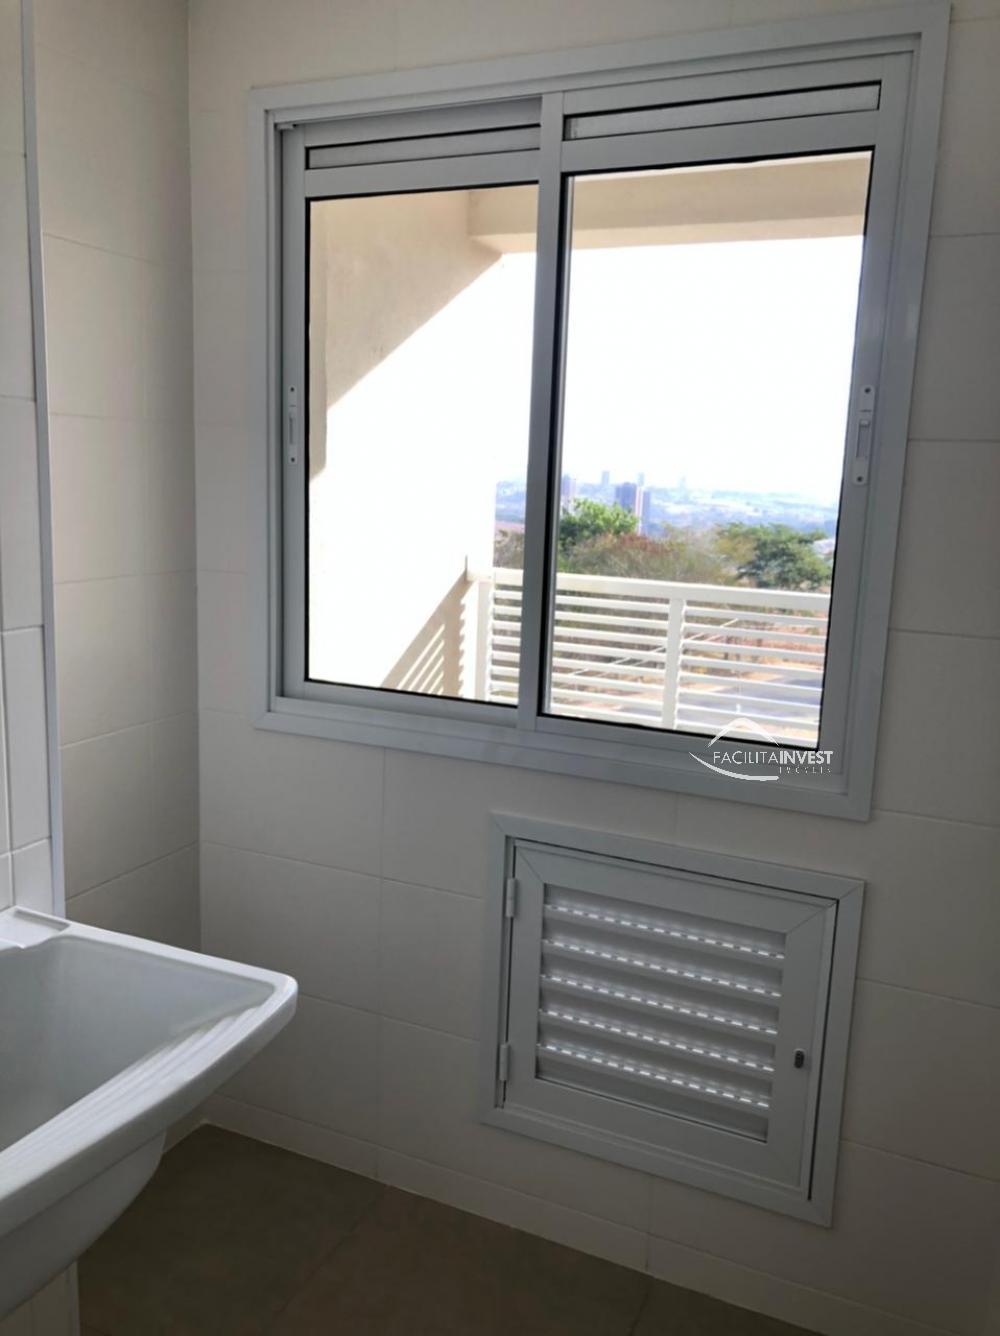 Alugar Apartamentos / Apart. Padrão em Ribeirão Preto R$ 3.200,00 - Foto 8